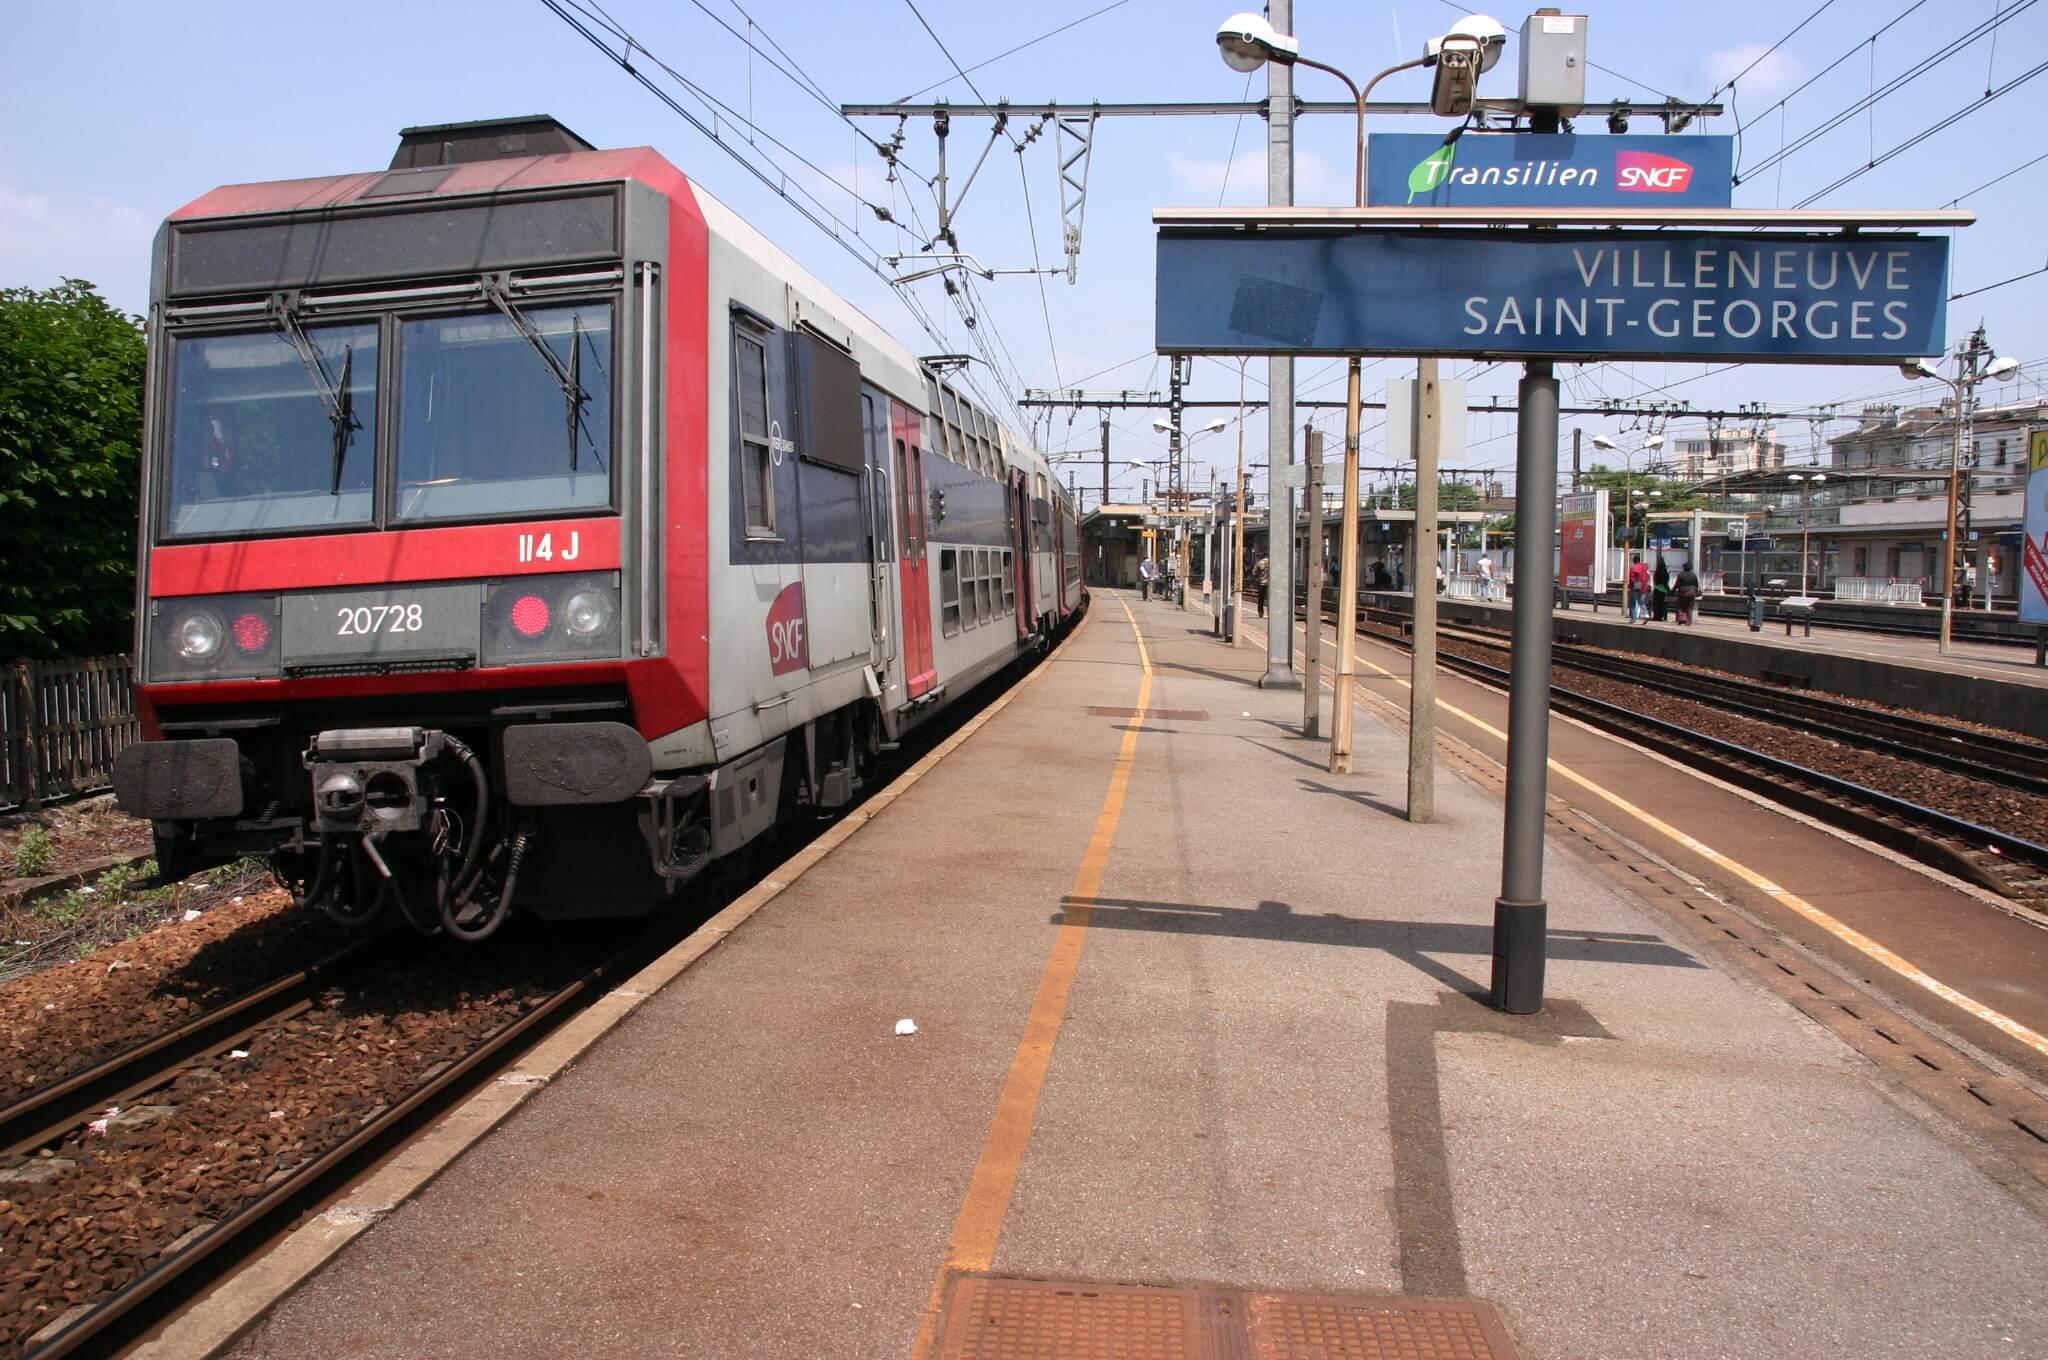 Gare_de_Villeneuve-Saint-Georges_IMG_6212